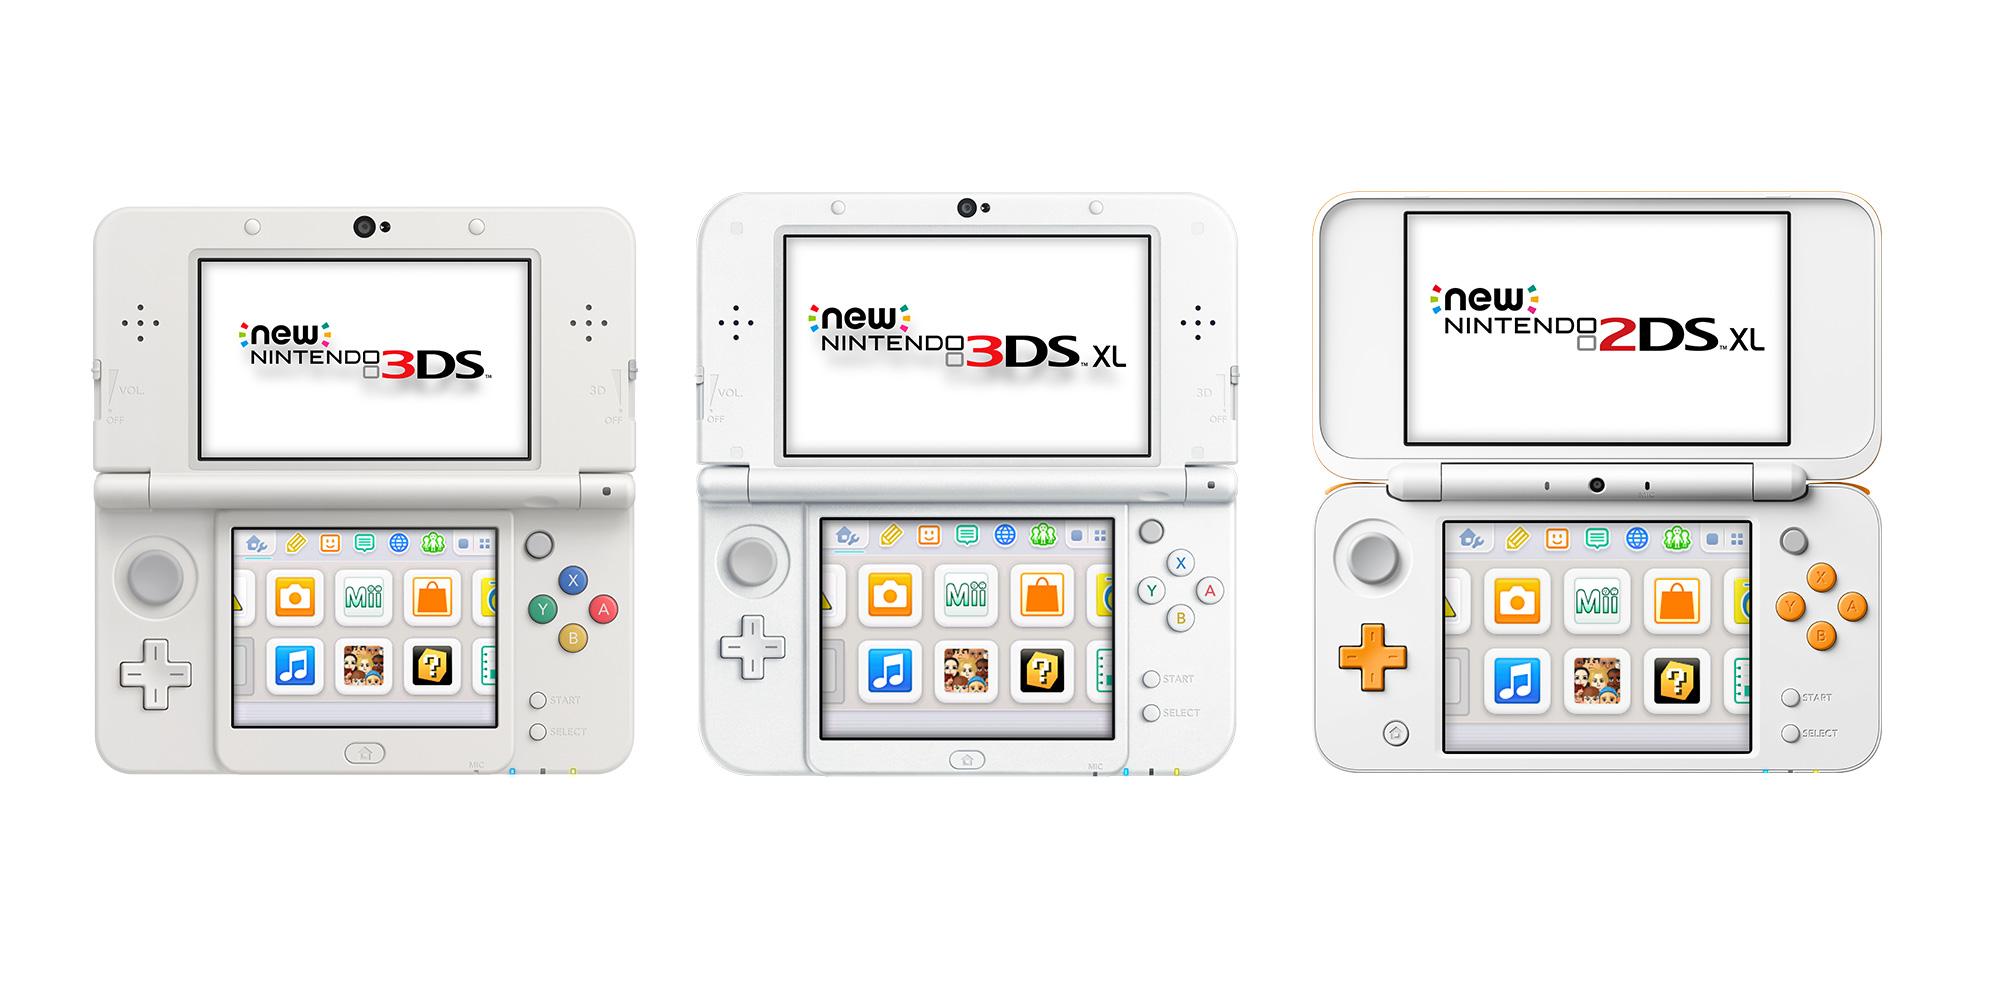 Switch Sd Karte Einlegen.Video Anleitung Microsd Card Wechseln Systeme Der New Nintendo